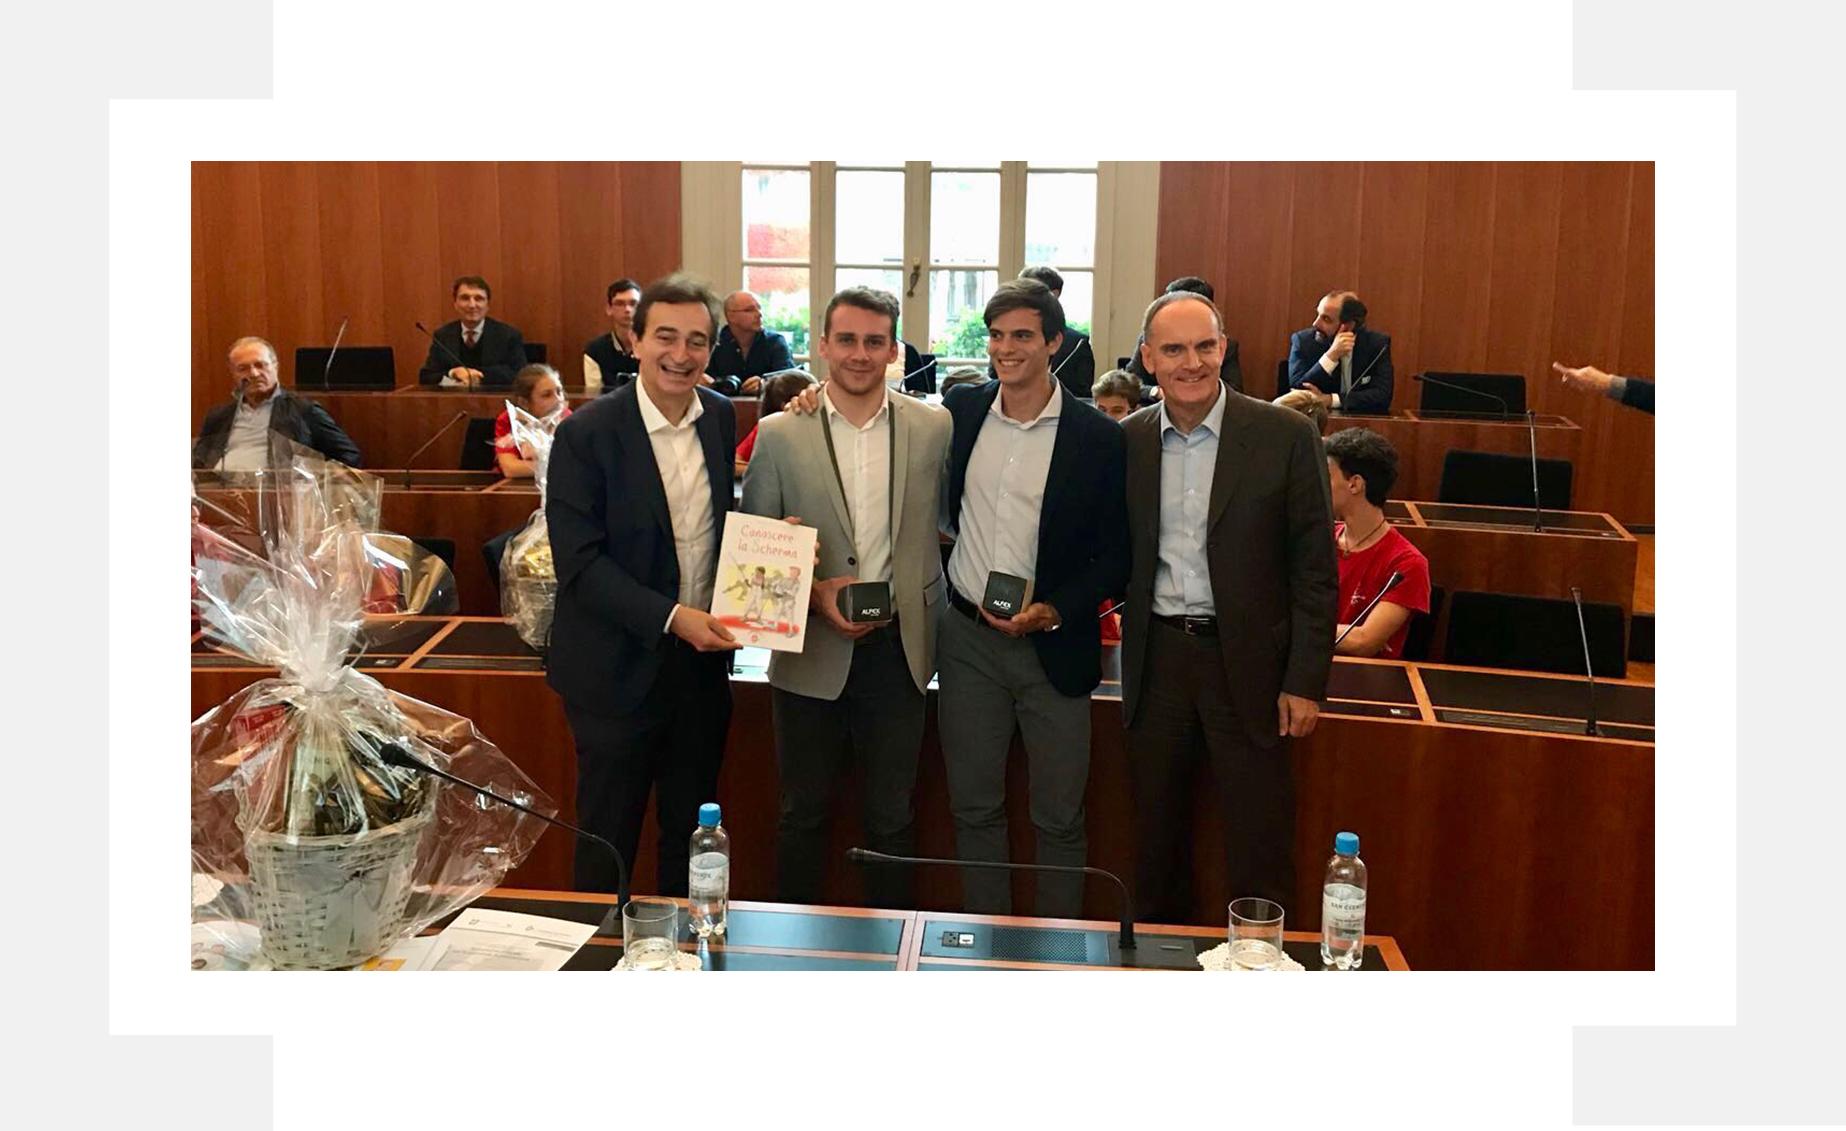 Città di Lugano - Premiazione Michele Niggeler ed Elia Dagani